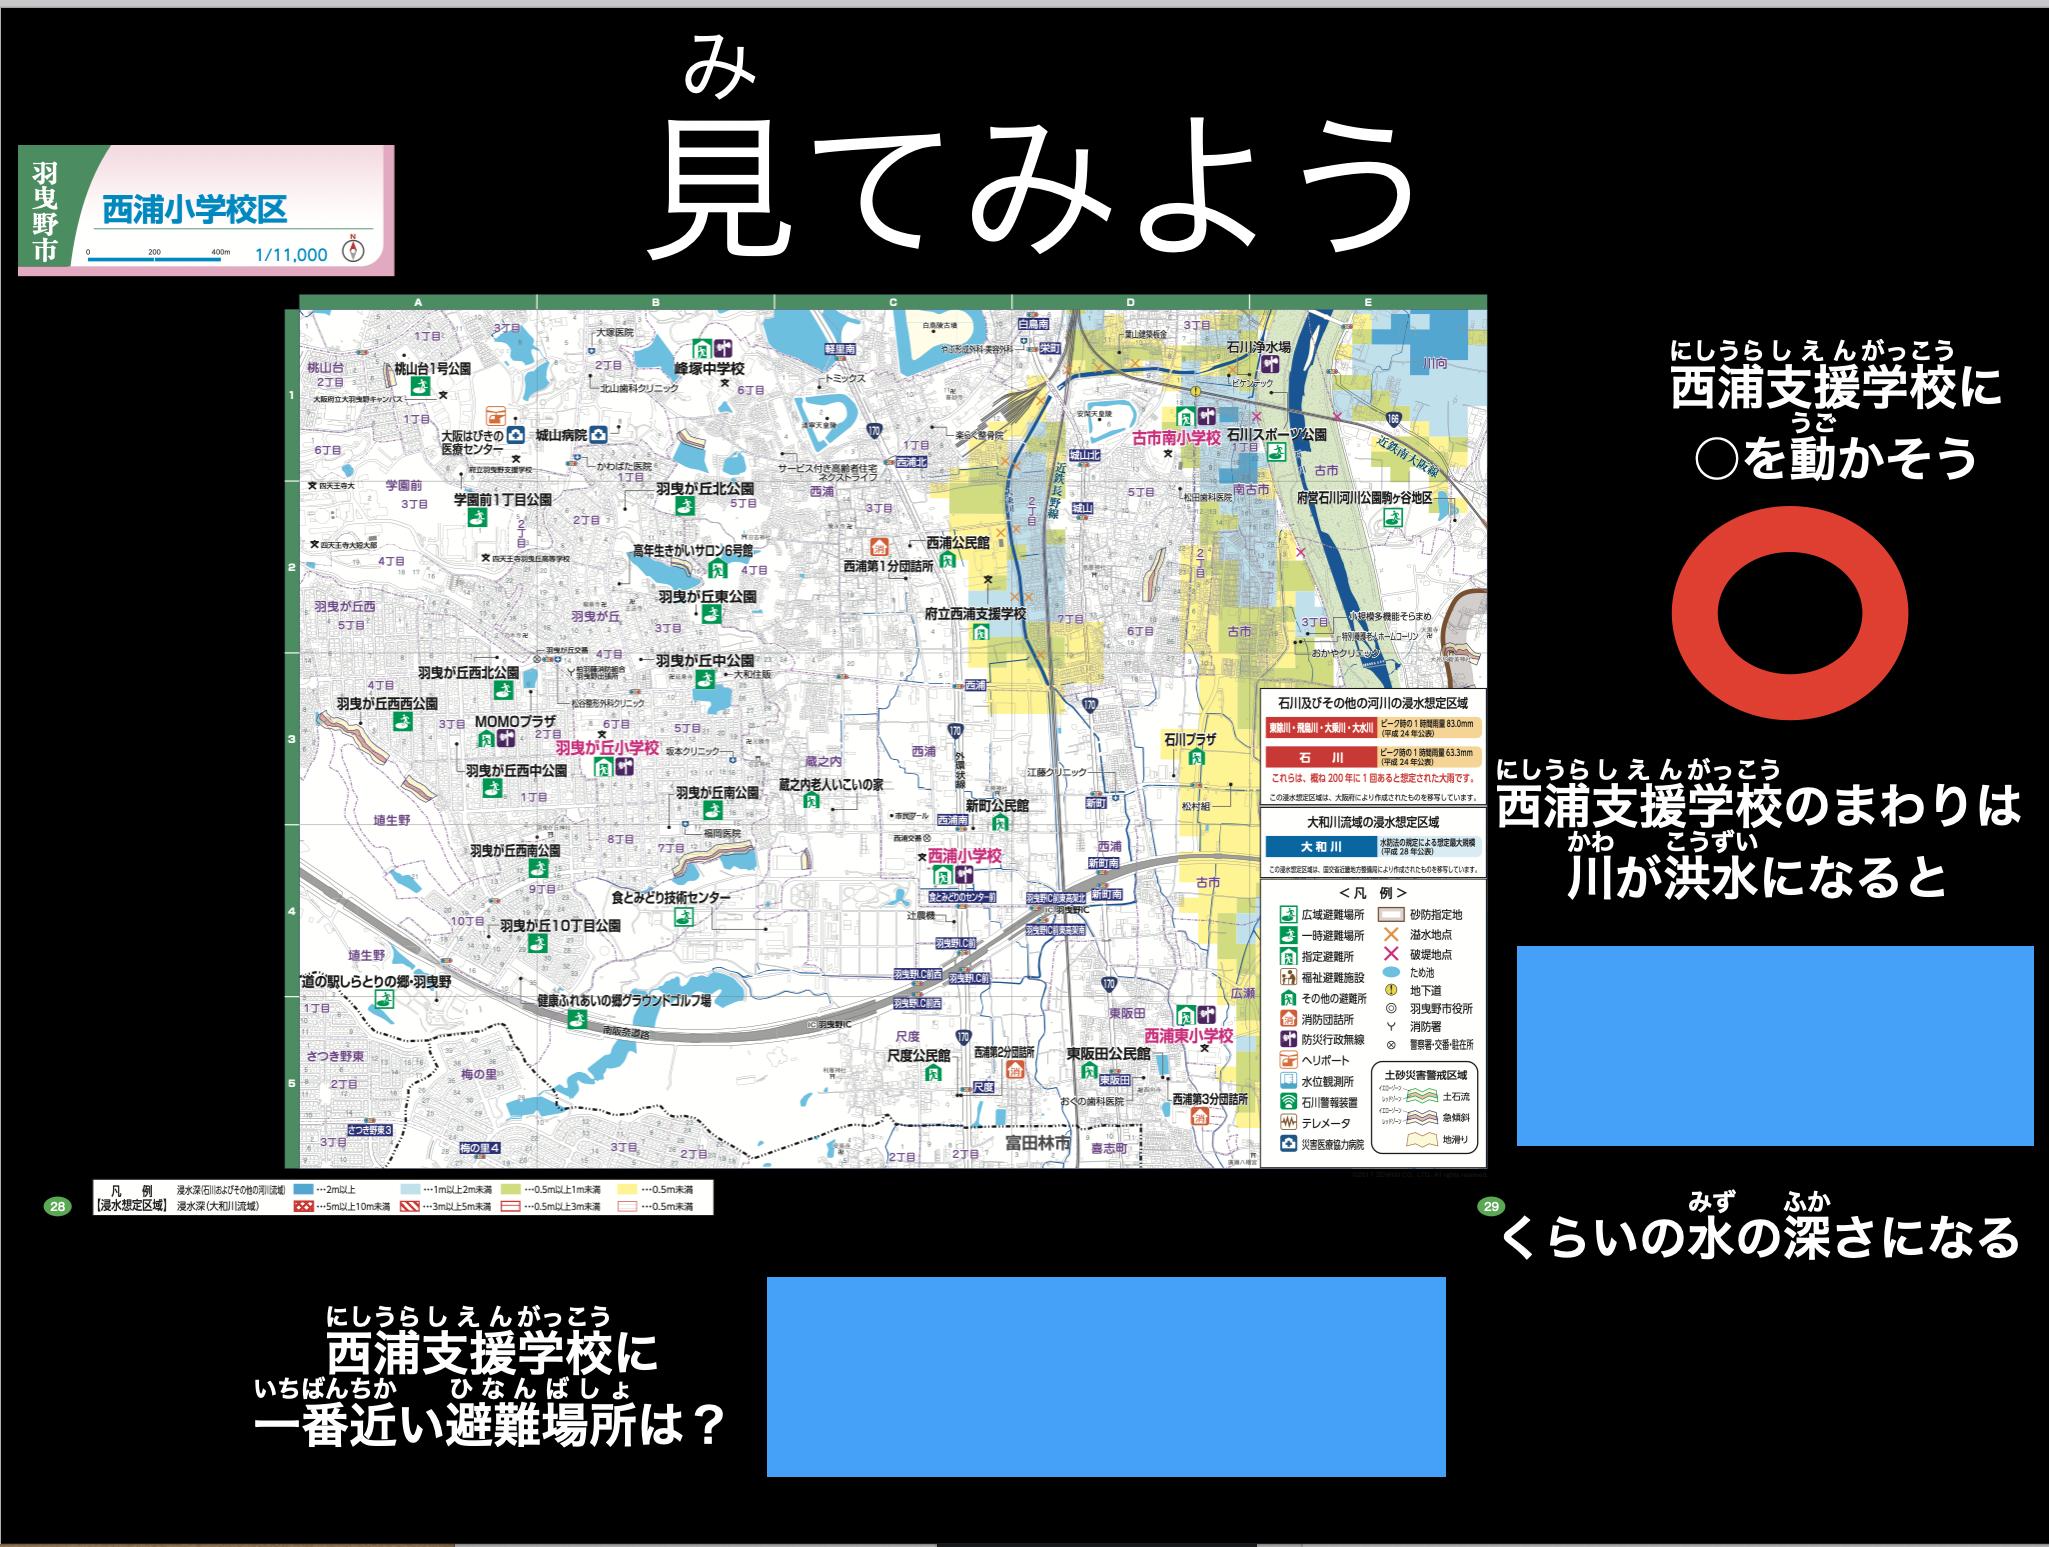 【スライド教材:防災】ハザードマップを調べよう